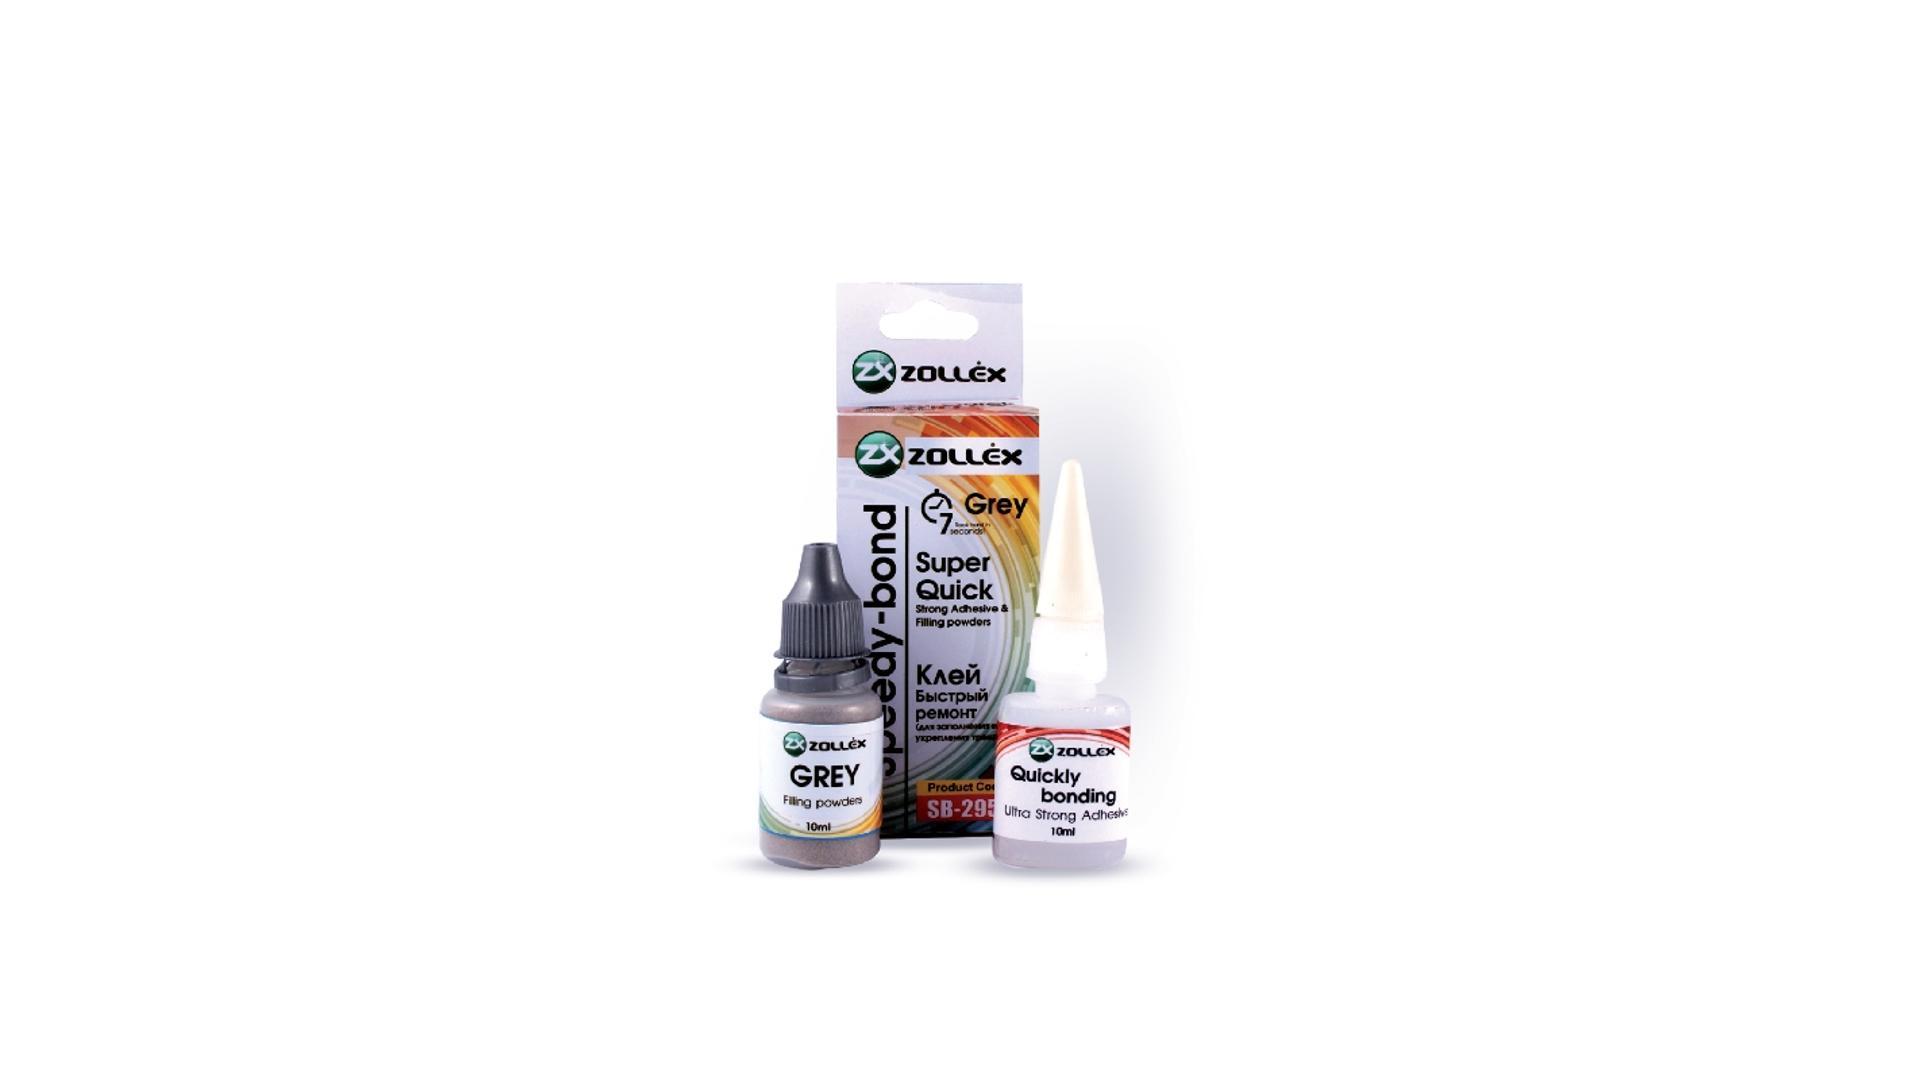 ZOLLEX Dvousložkové pryskyřičné lepidlo - Rychlá vazba - šedá 10ml + 10ml víceúčelové (na kovové části) (SB-295g)